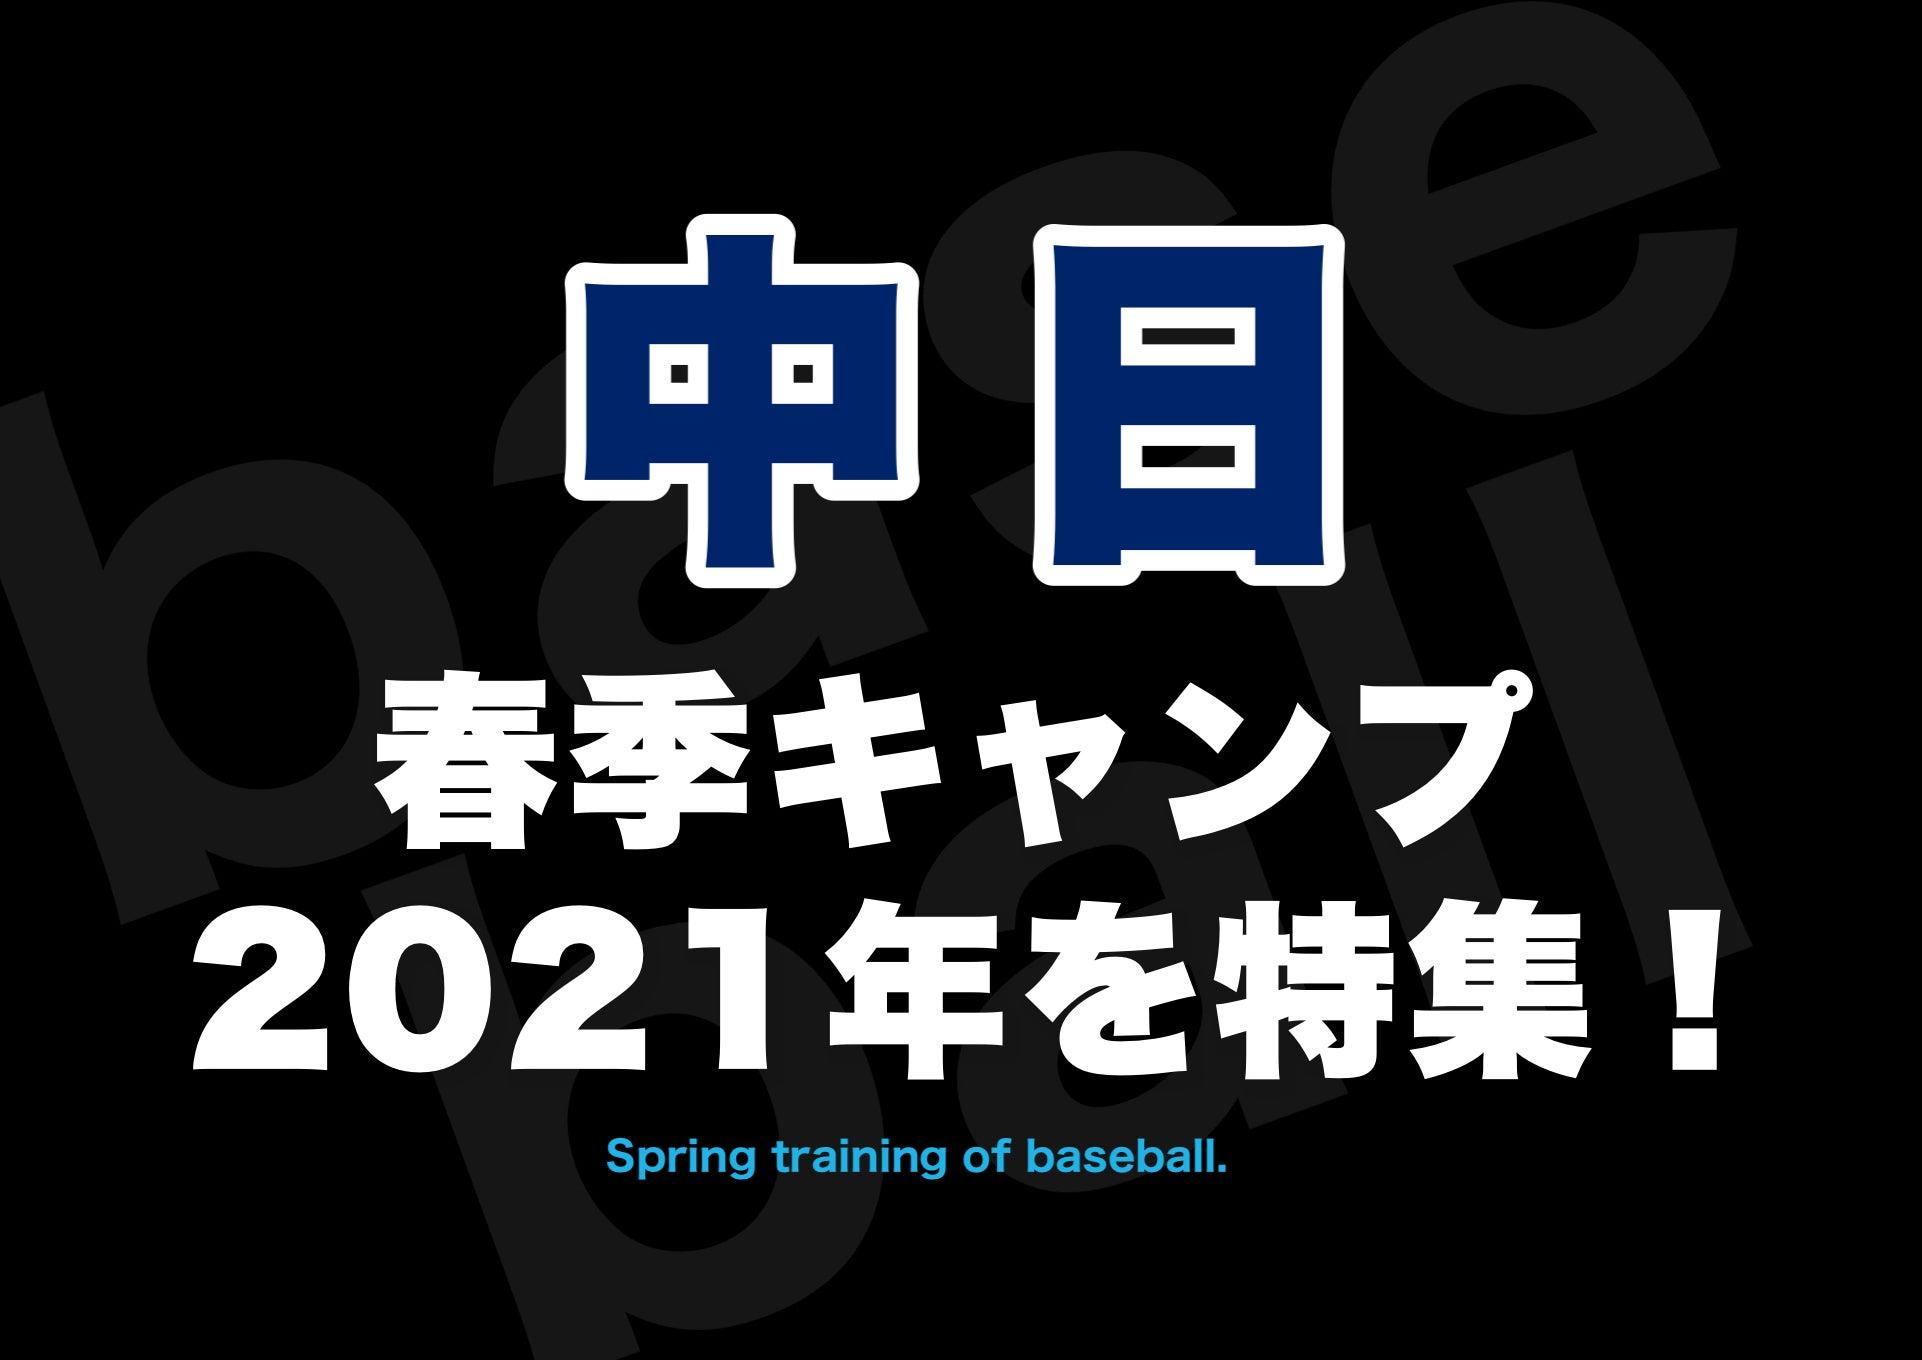 中日】春季キャンプ2021年(試合日程・場所・メンバー等) | 高校野球 ...